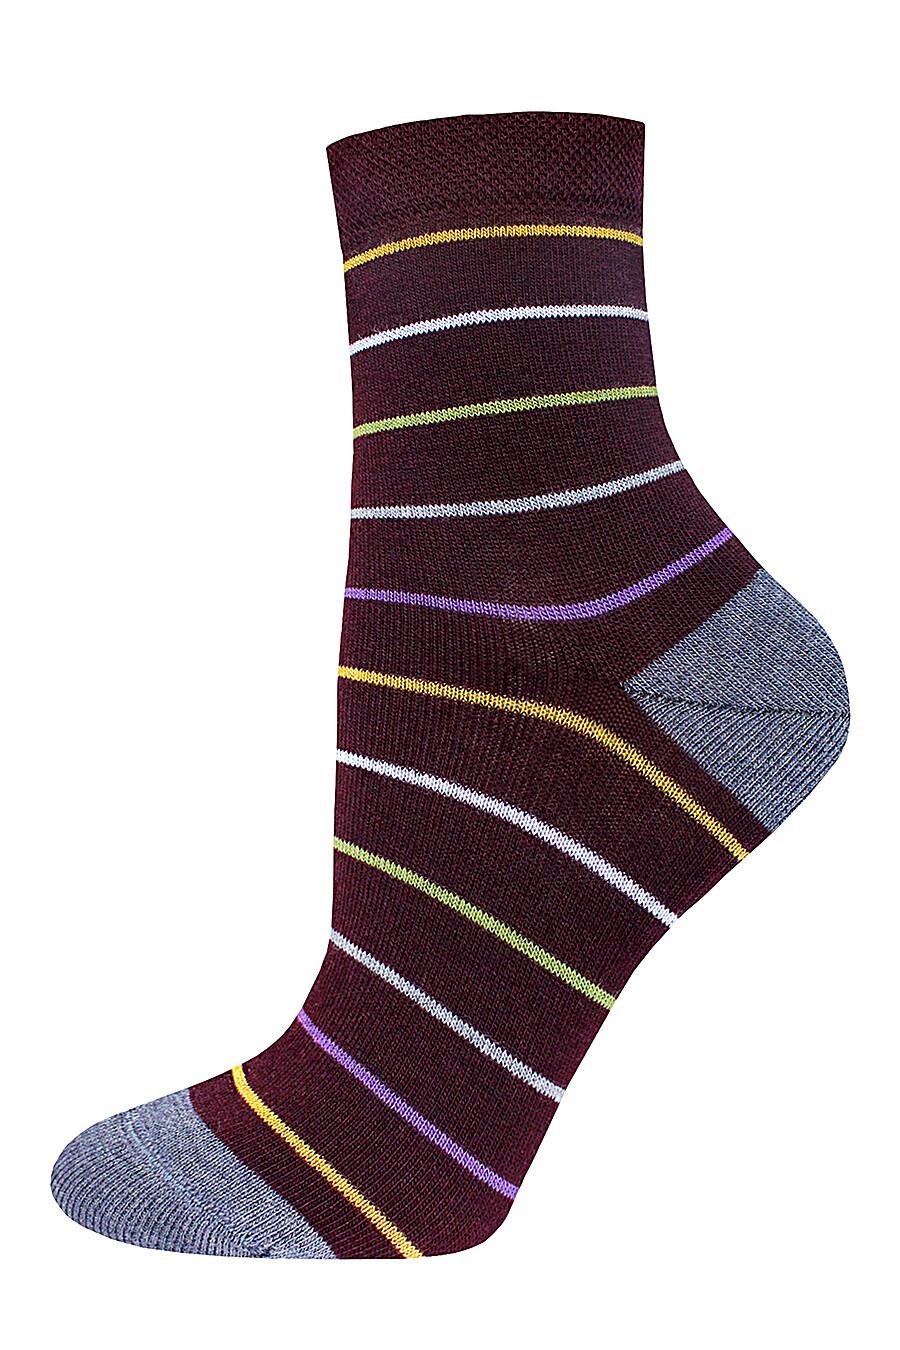 Носки для женщин БРЕСТСКИЕ 226877 купить оптом от производителя. Совместная покупка женской одежды в OptMoyo